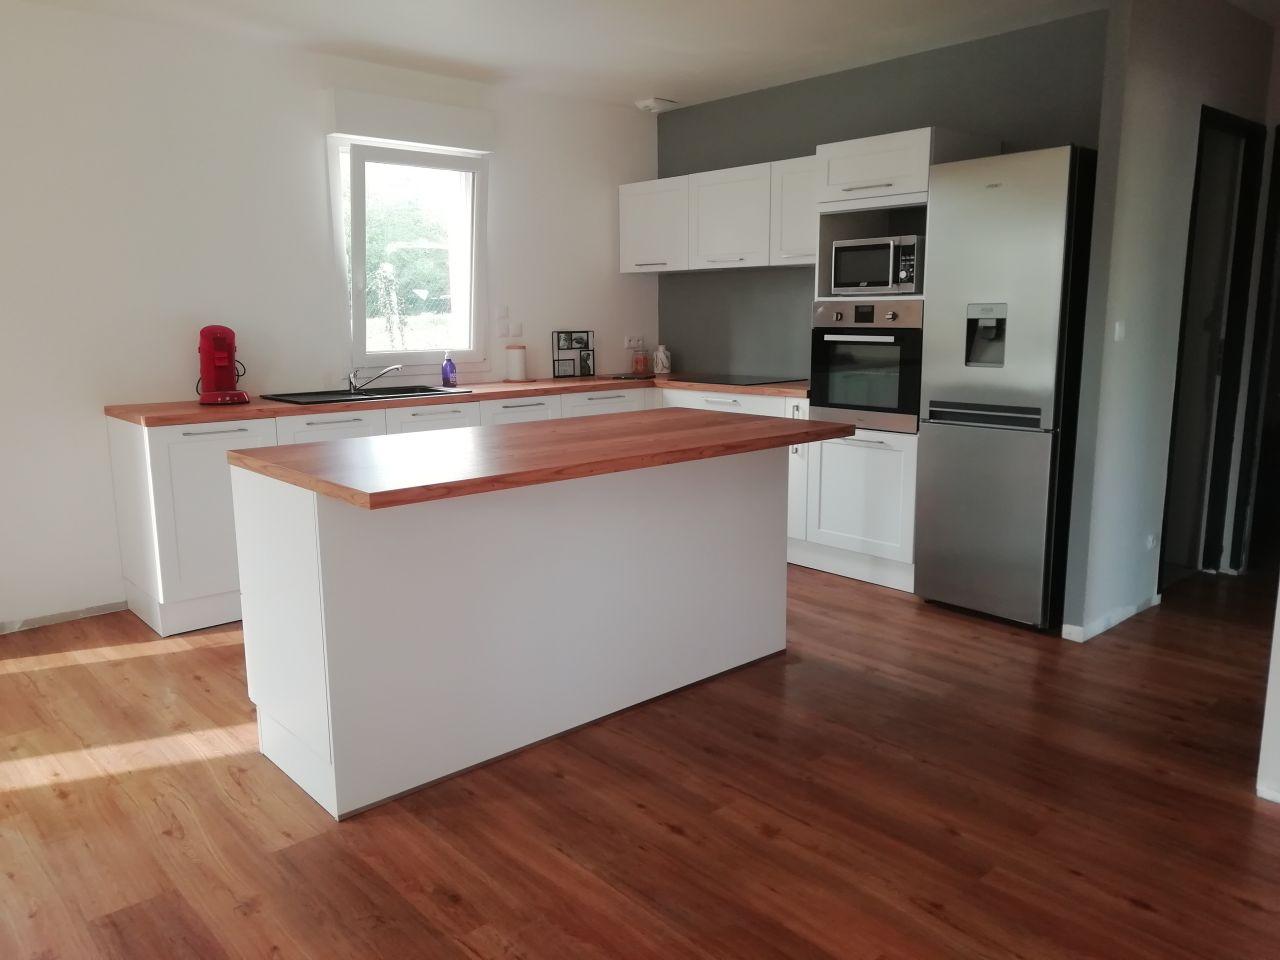 La cuisine avec meubles hauts (sans les tabourets, il manque aussi la crédence et autres petits détails type changement électroménagers etc...)